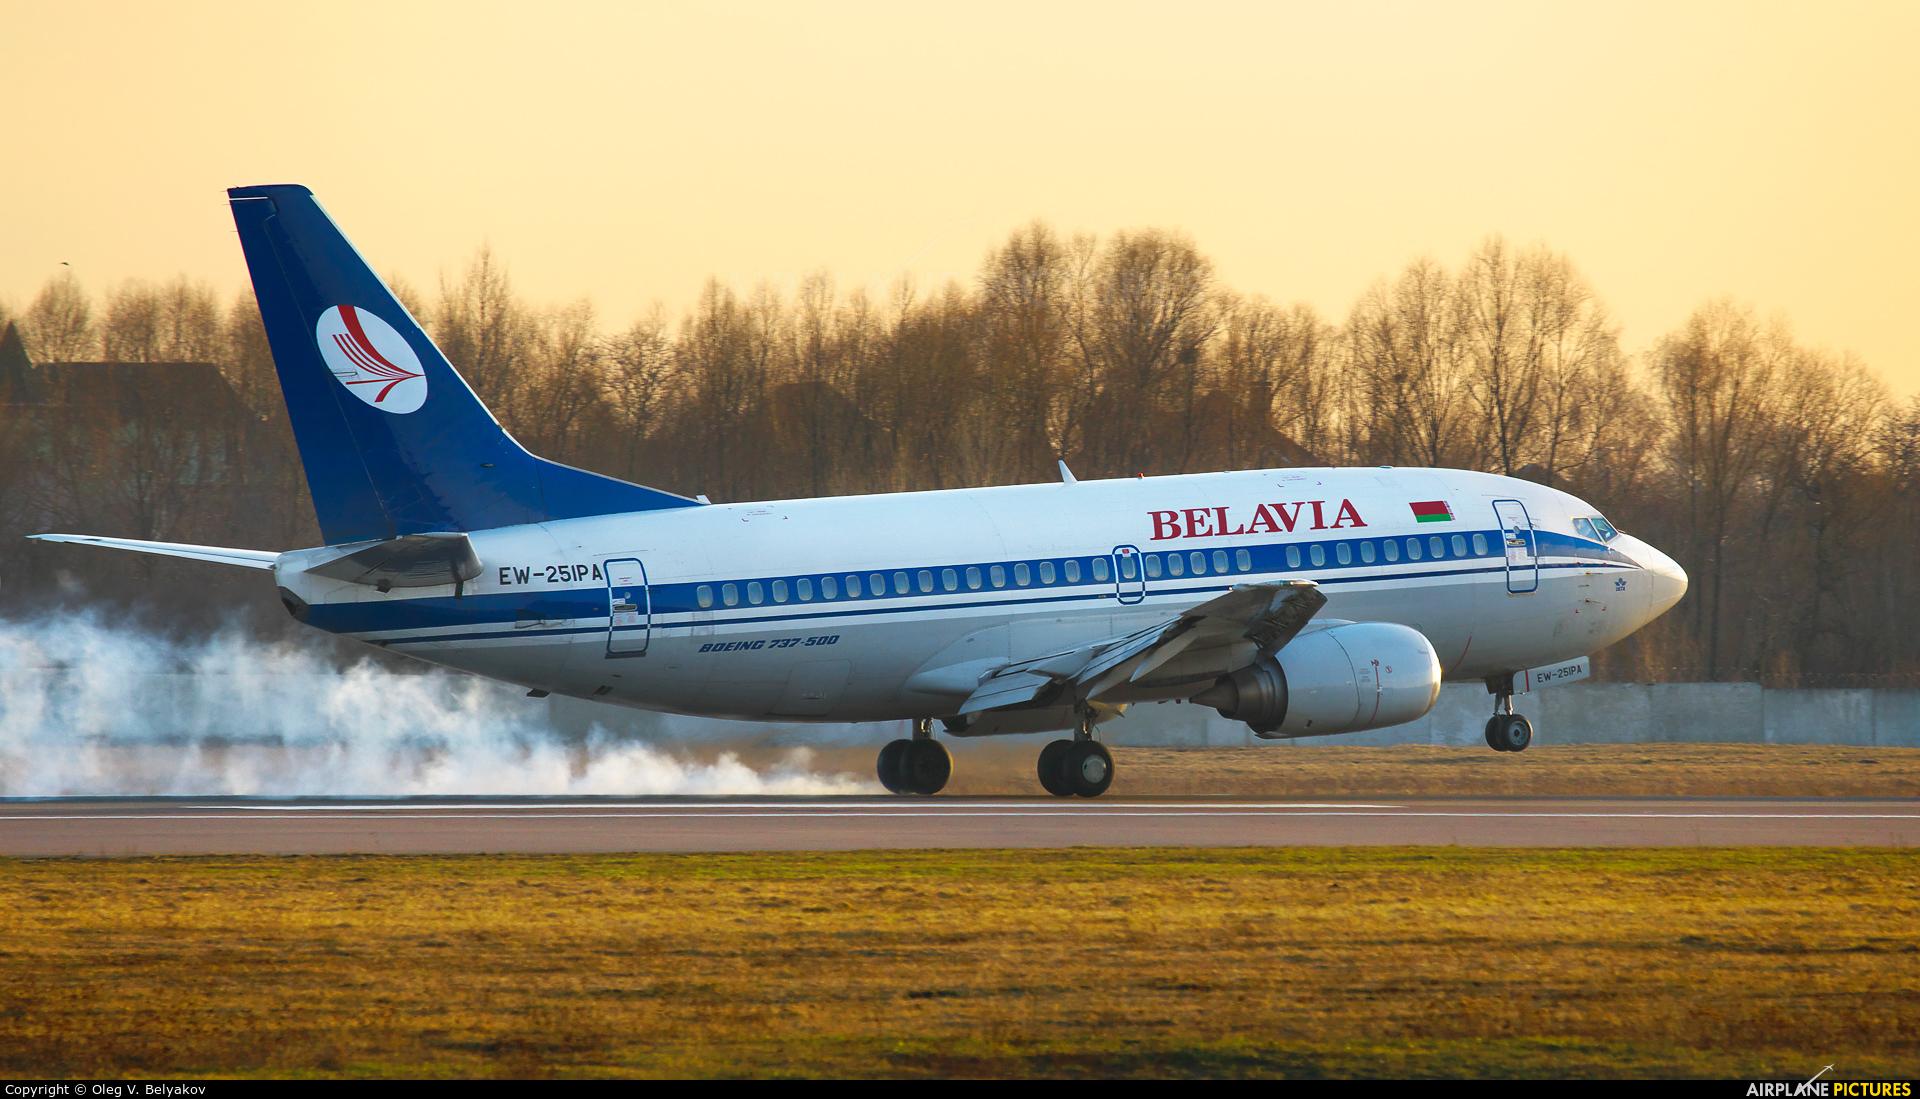 Belavia EW-251PA aircraft at Kiev - Zhulyany